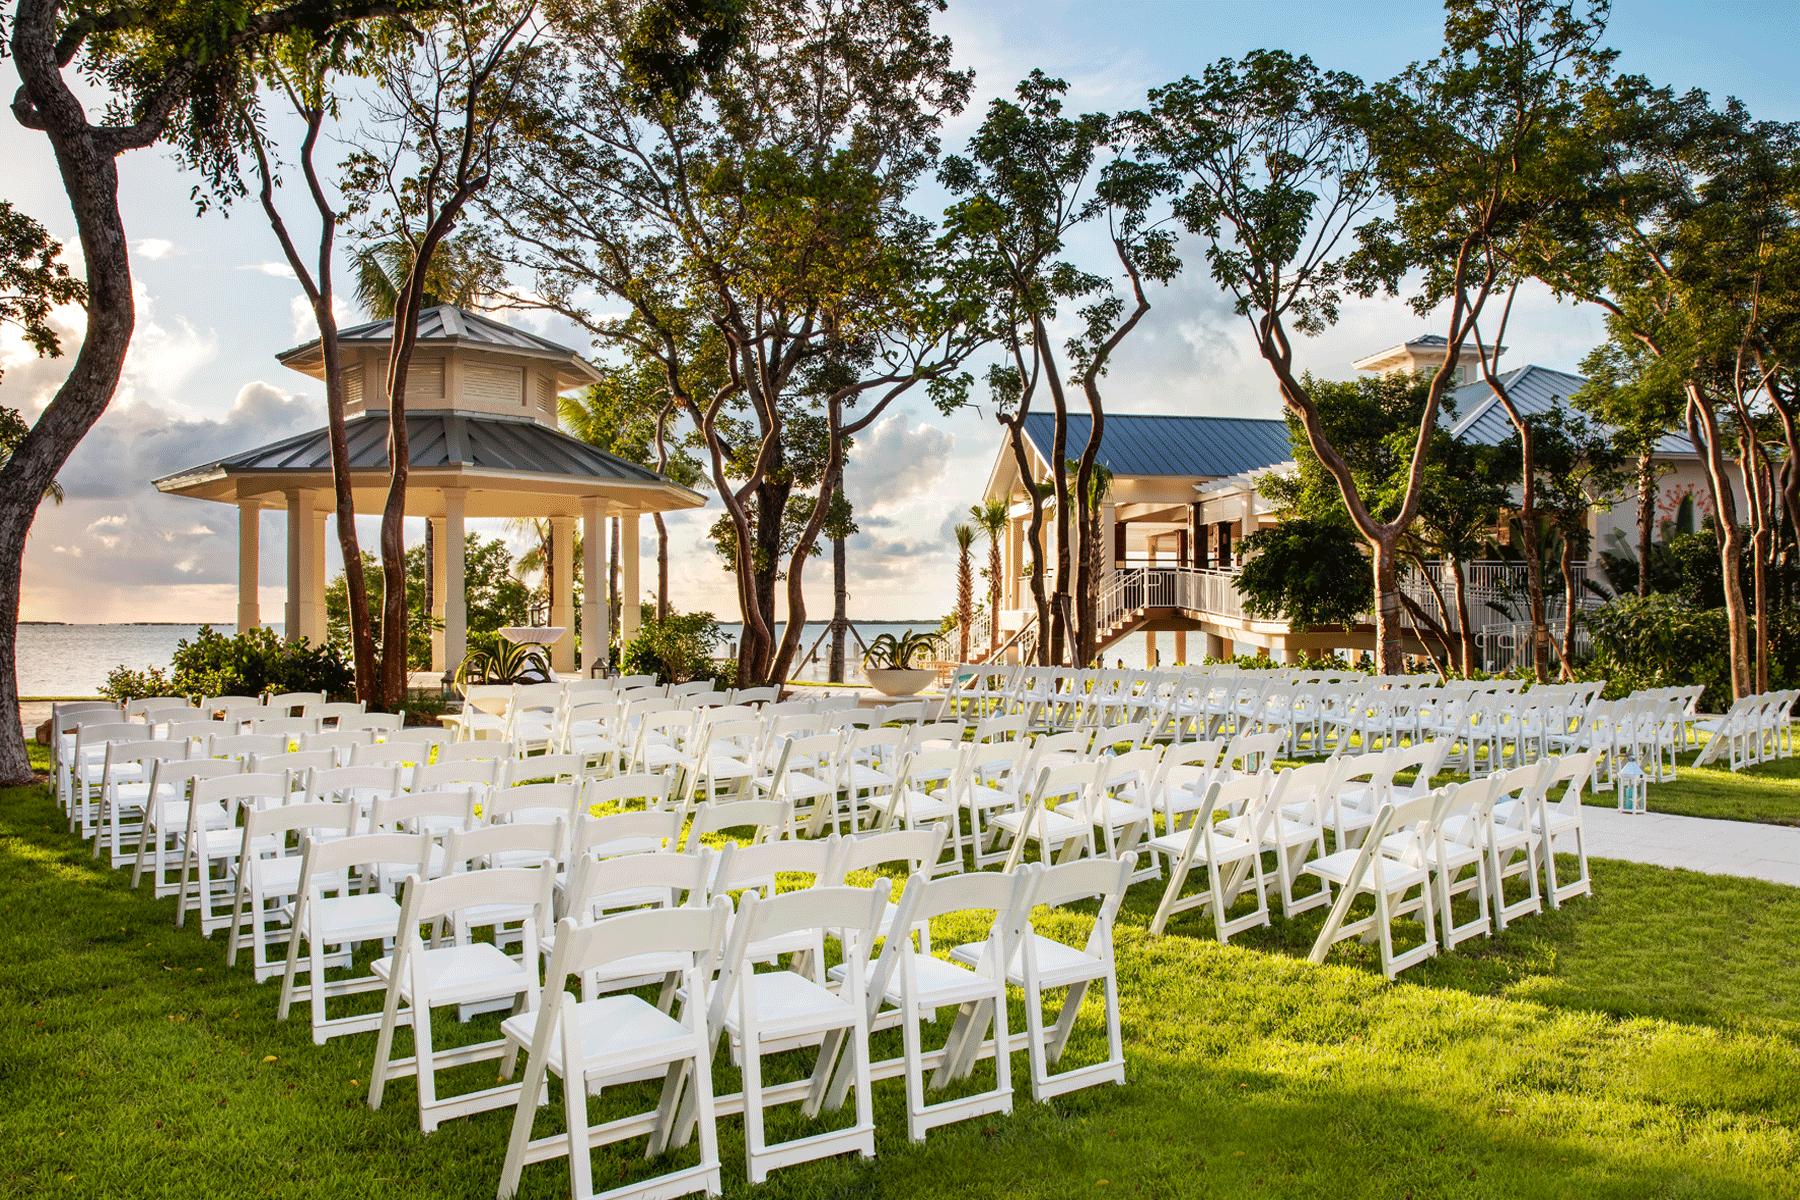 Playa-Largo-Resort-key-largo-florida-Weddiong-pavilian